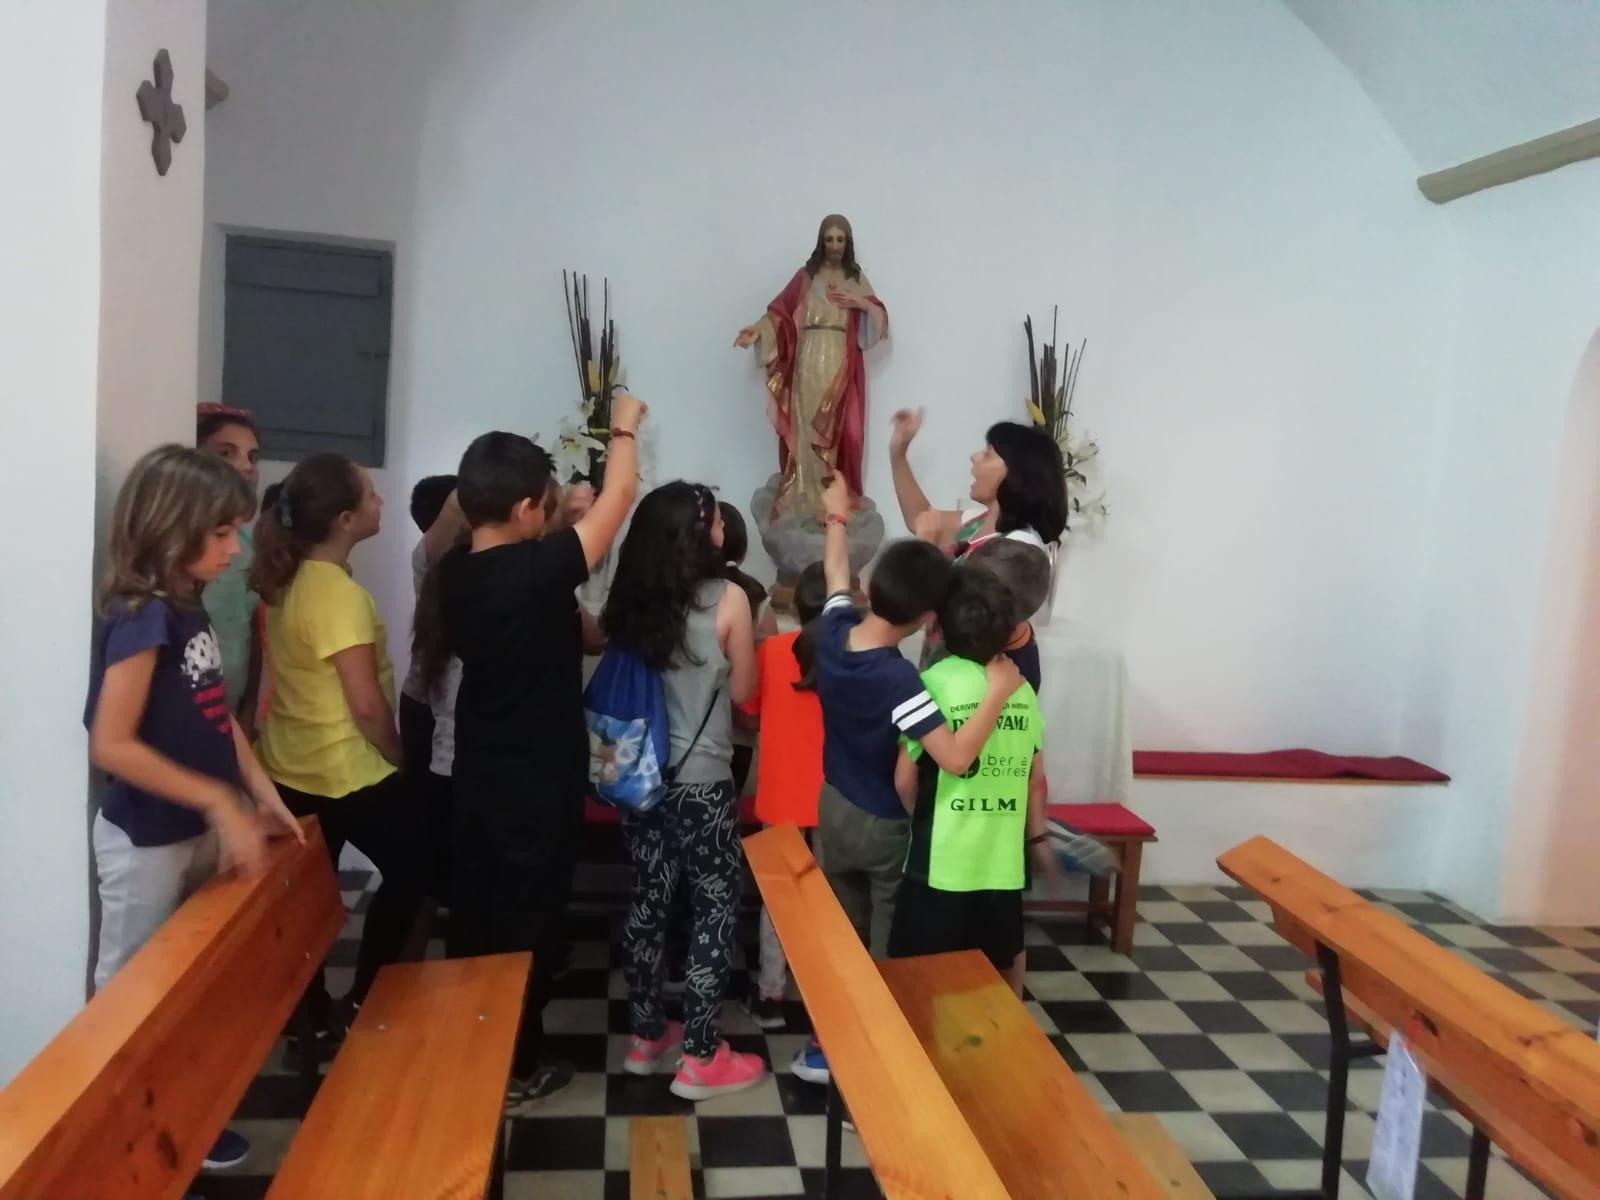 (2019-05-29) Visita alumnos Laura - 3 B primaria - Reina Sofia - Isabel B (05)